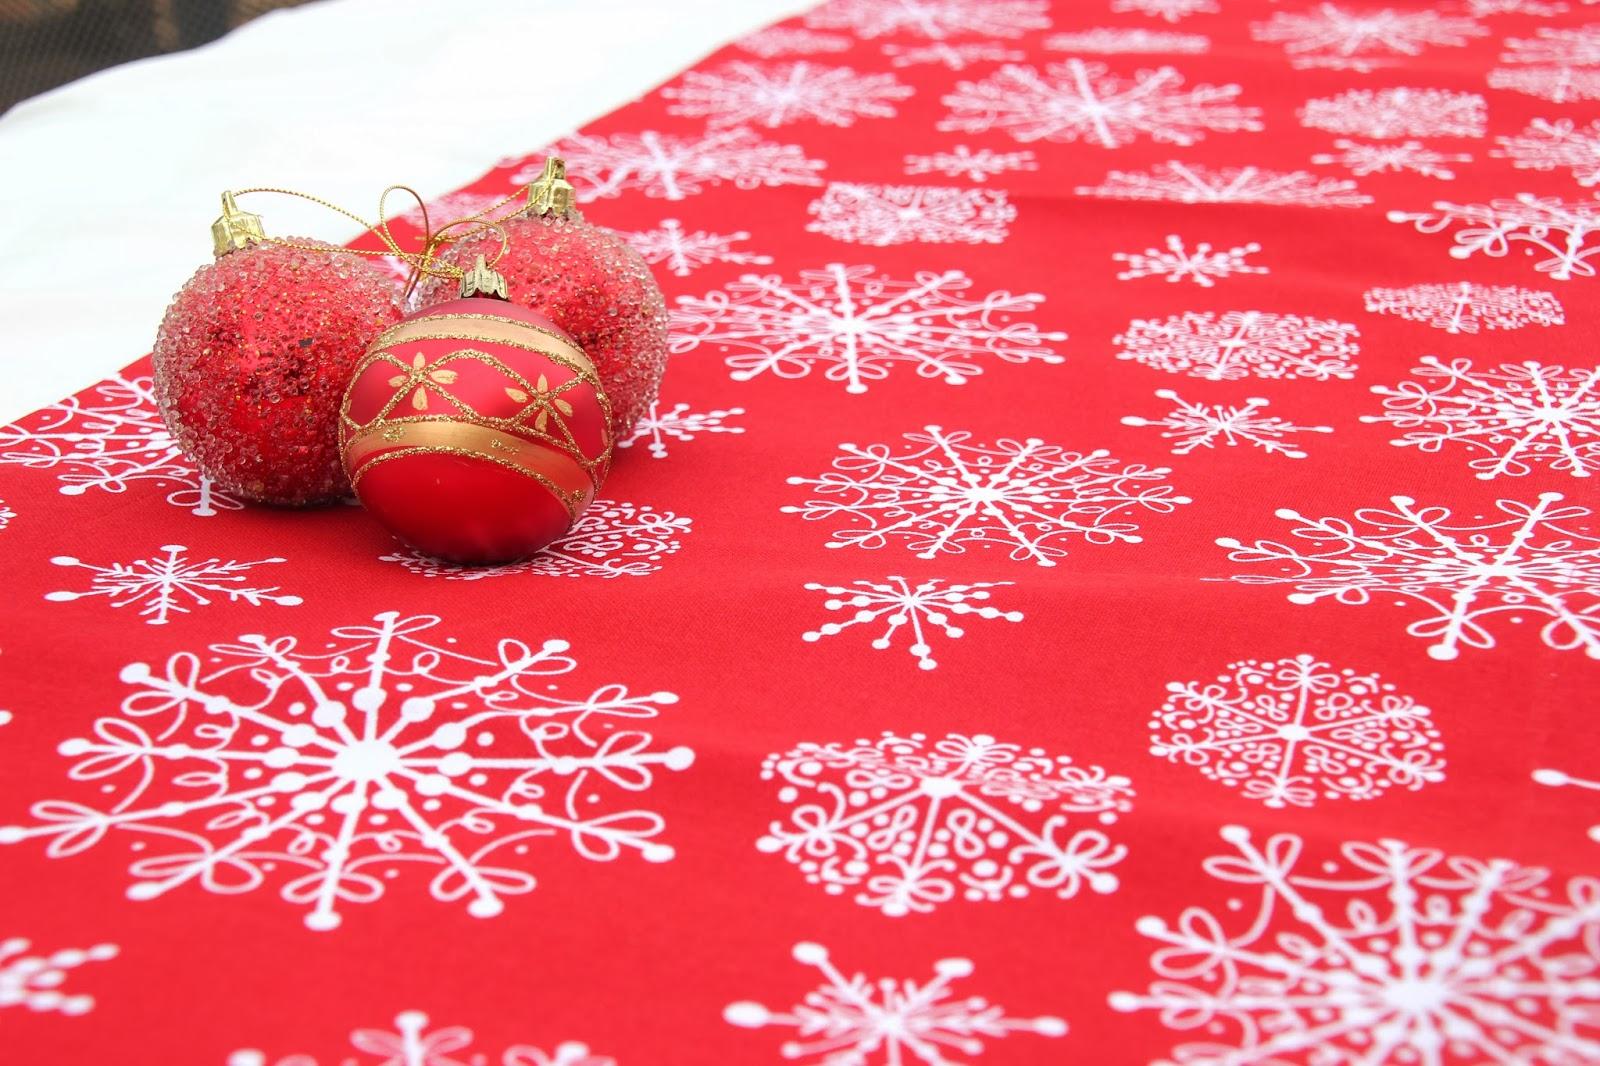 Diy navidad camino de mesa navide o para decorar tu mesa - Diy decoracion navidad ...